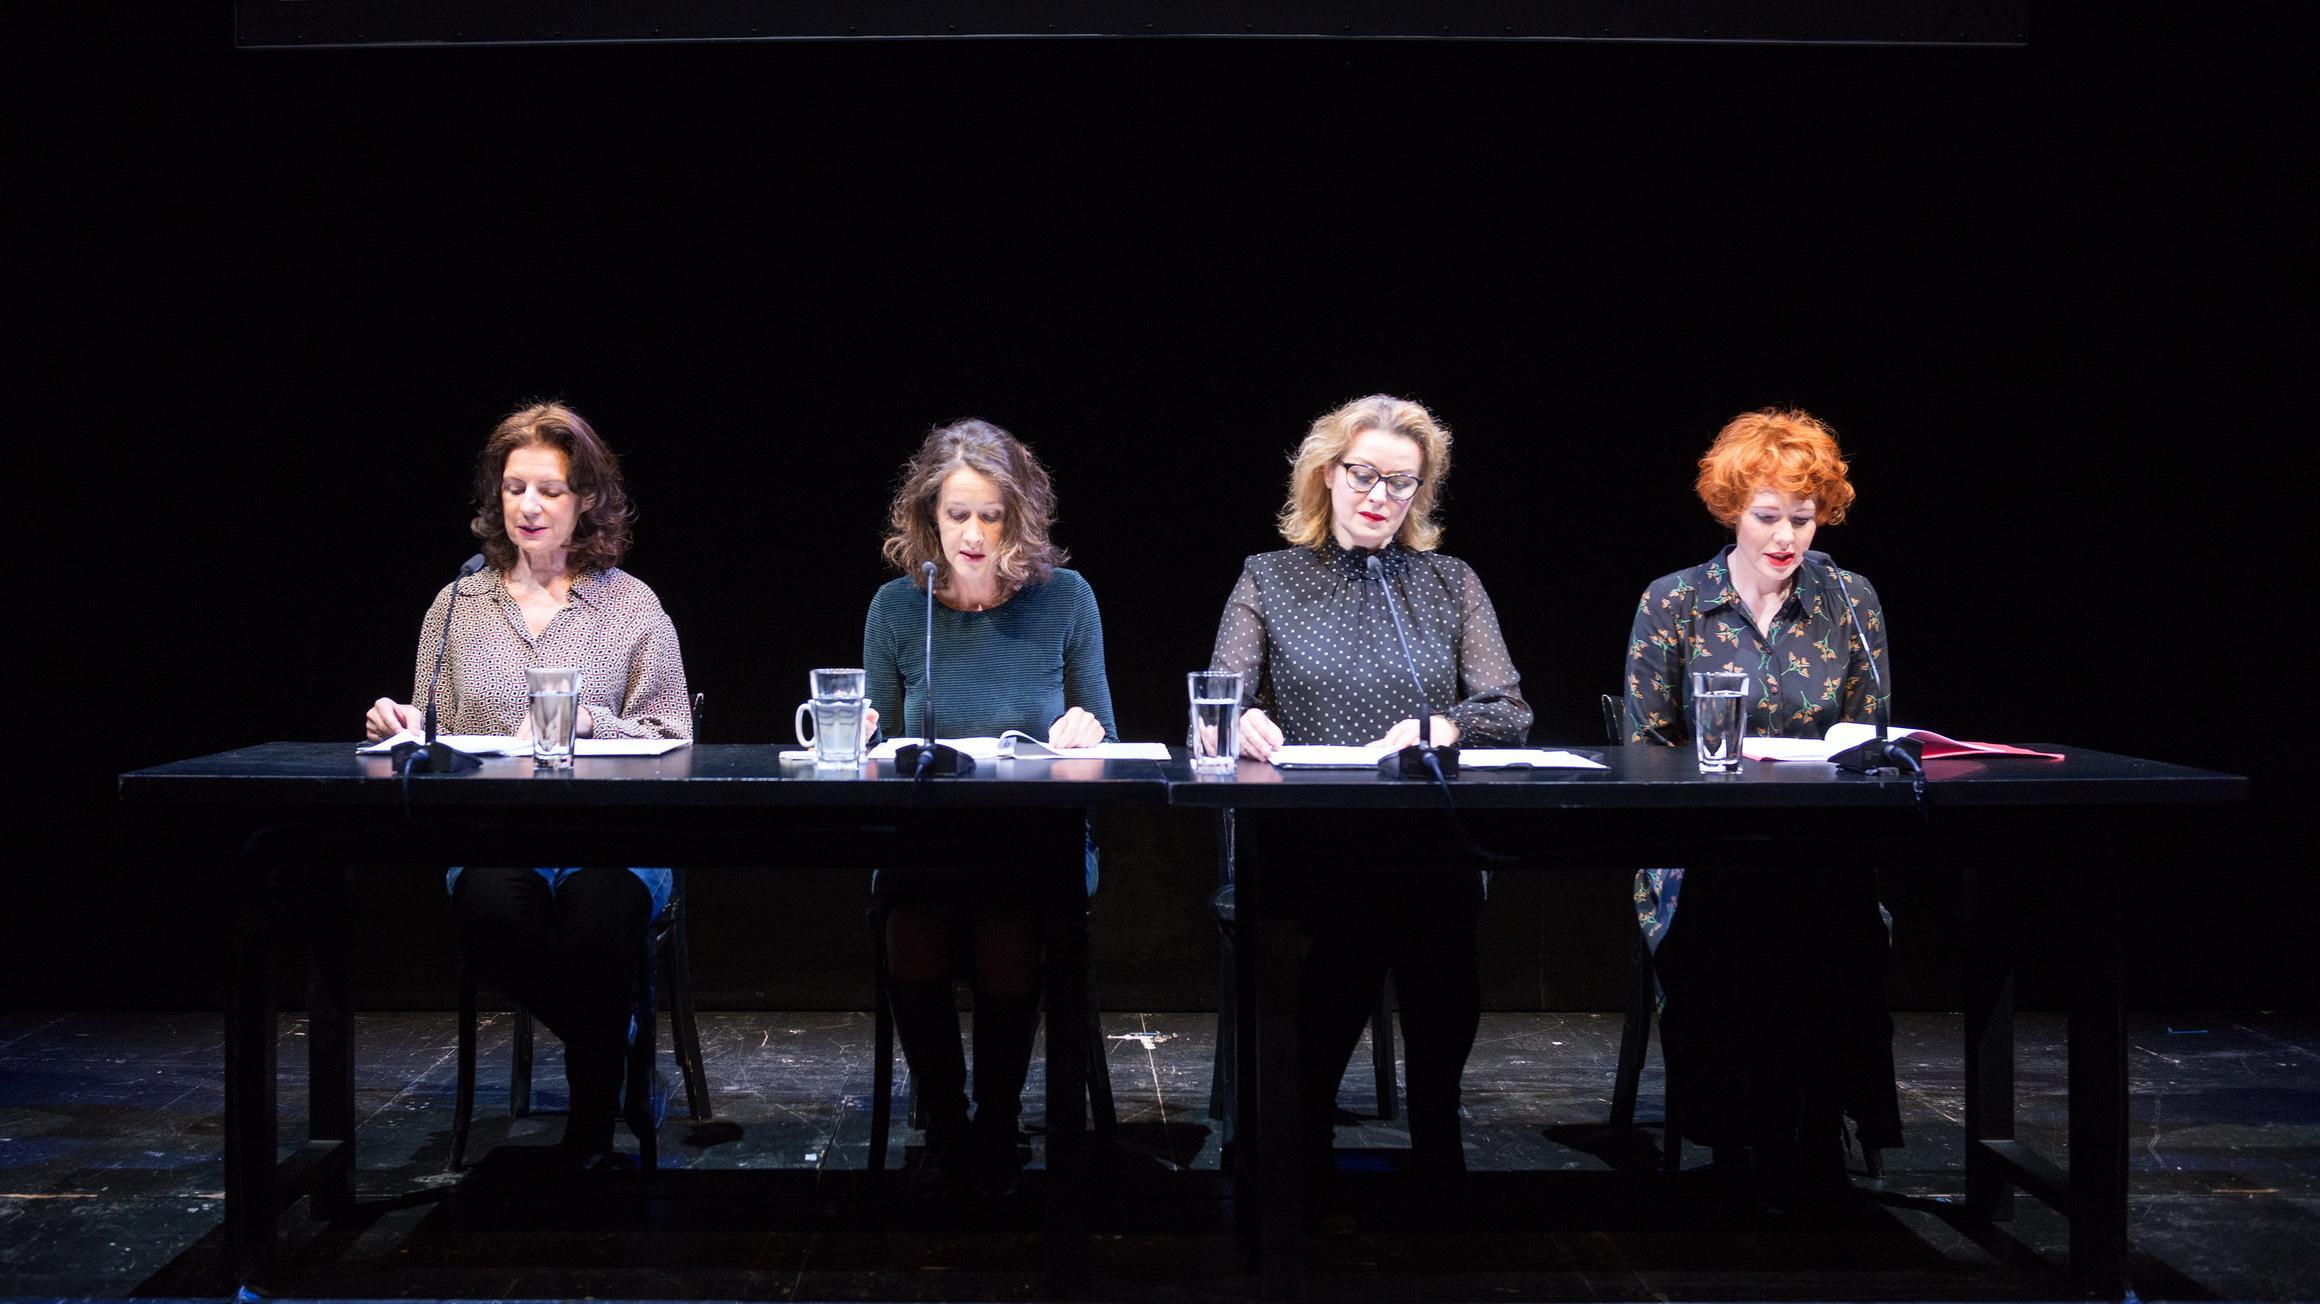 Zu sehen sind vier Schauspielerinnen, die nebeneinander an einem Tisch sitzen und aus den Reden rechter Populisten vorlesen.